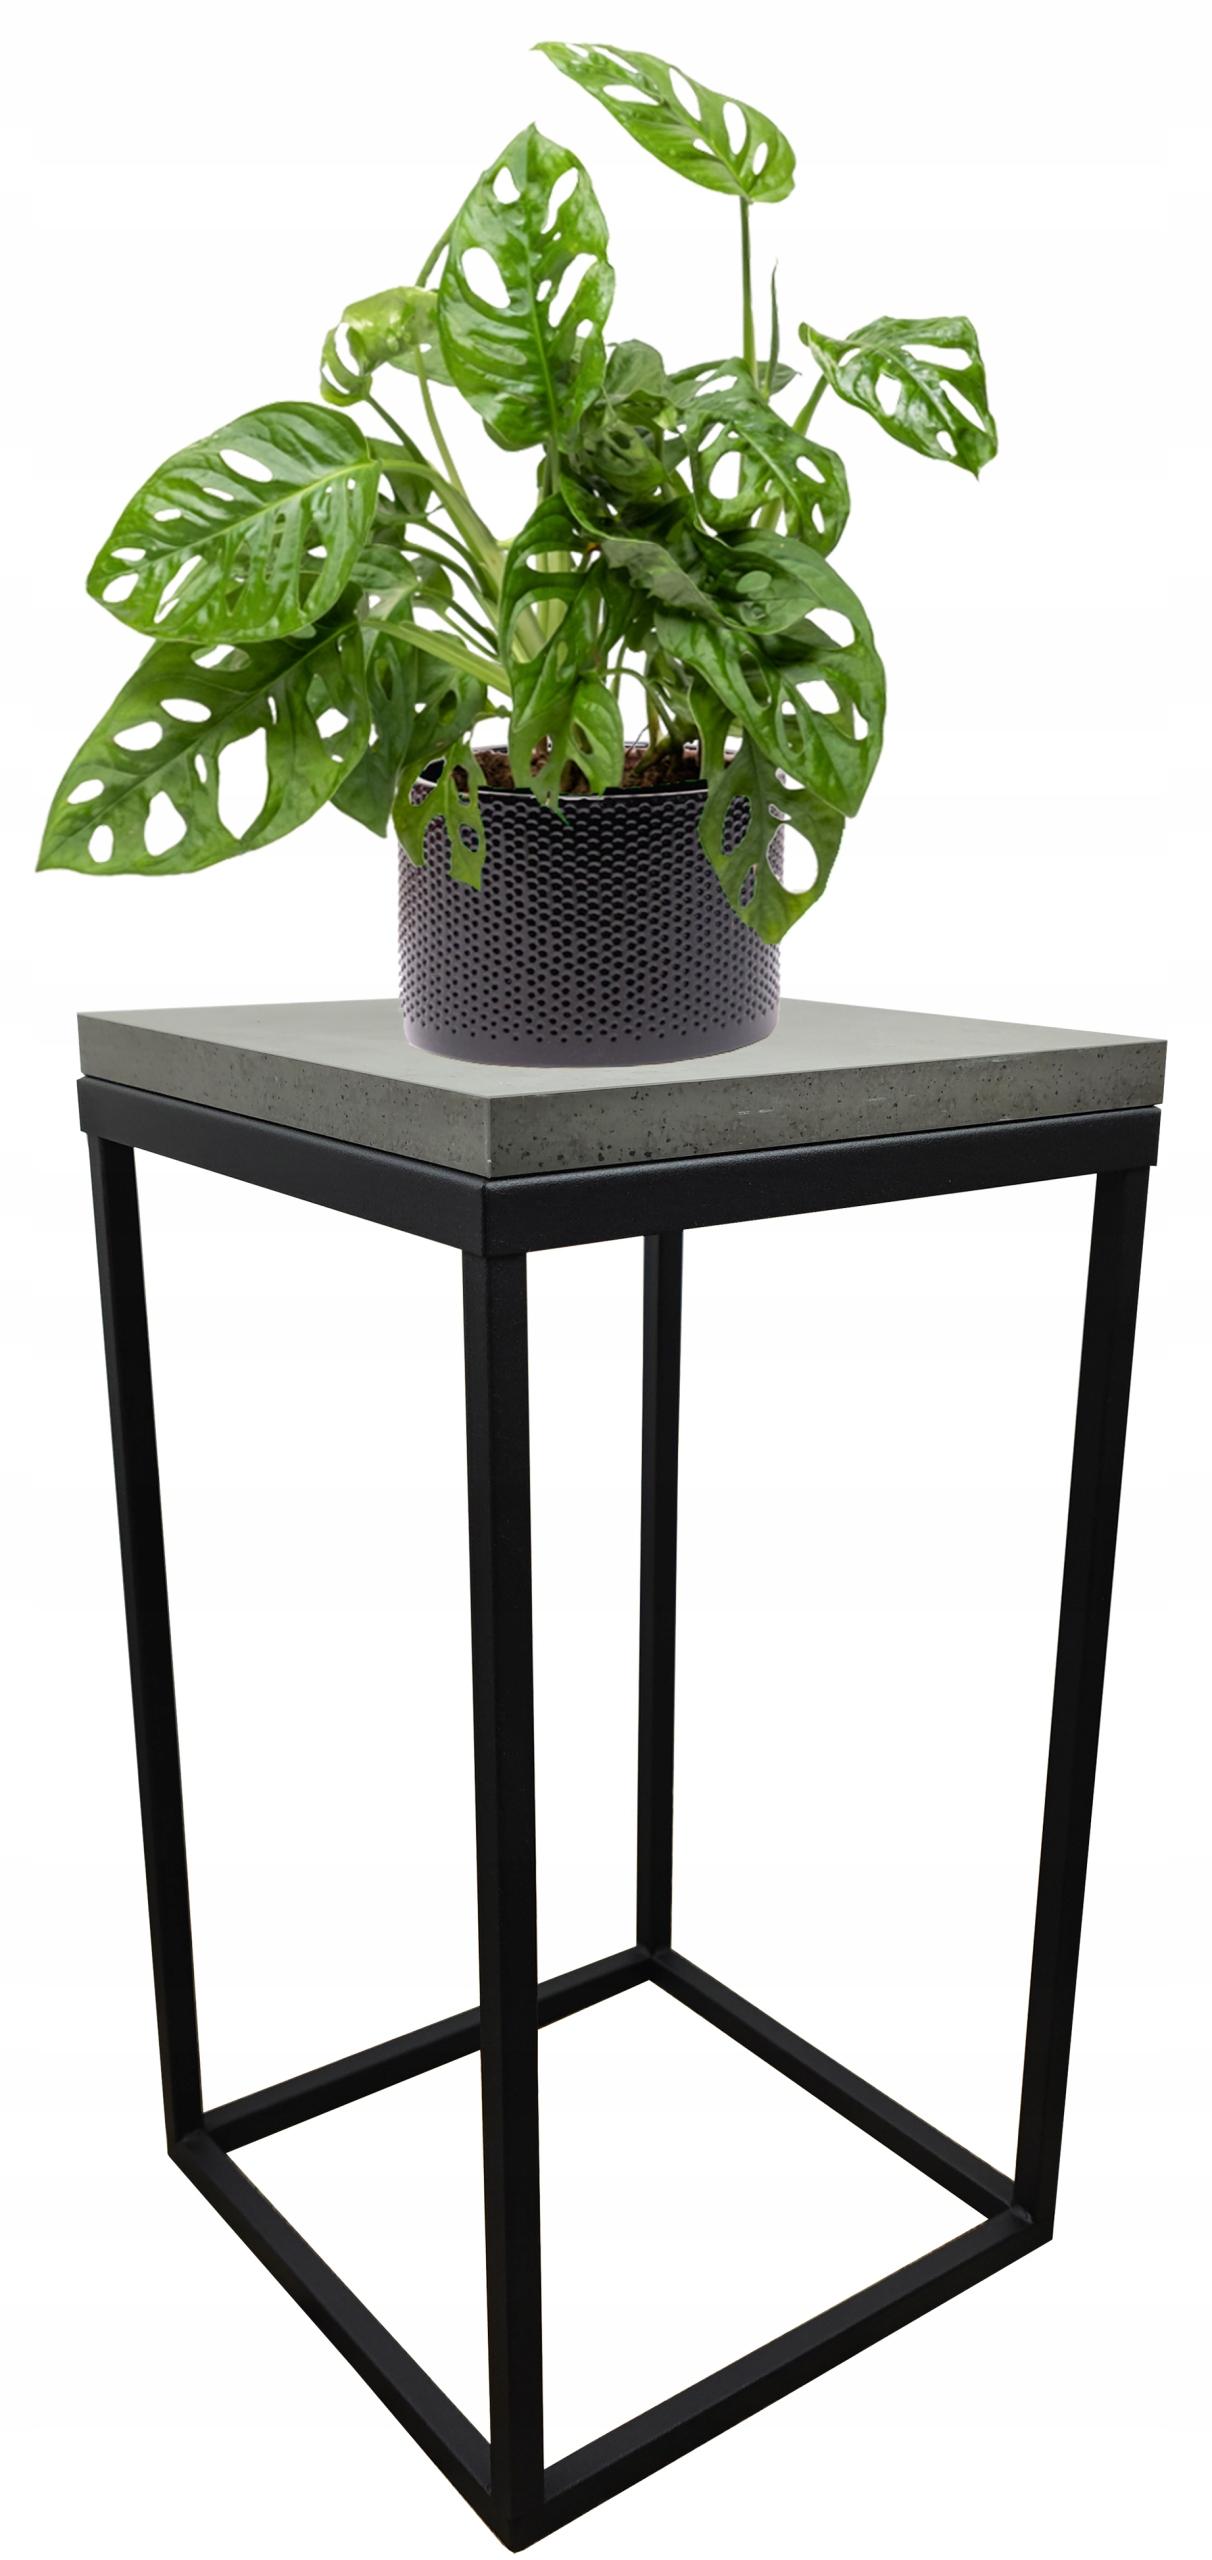 Подставка для растений металлическая loft черная столешница Concrete Dark 40см